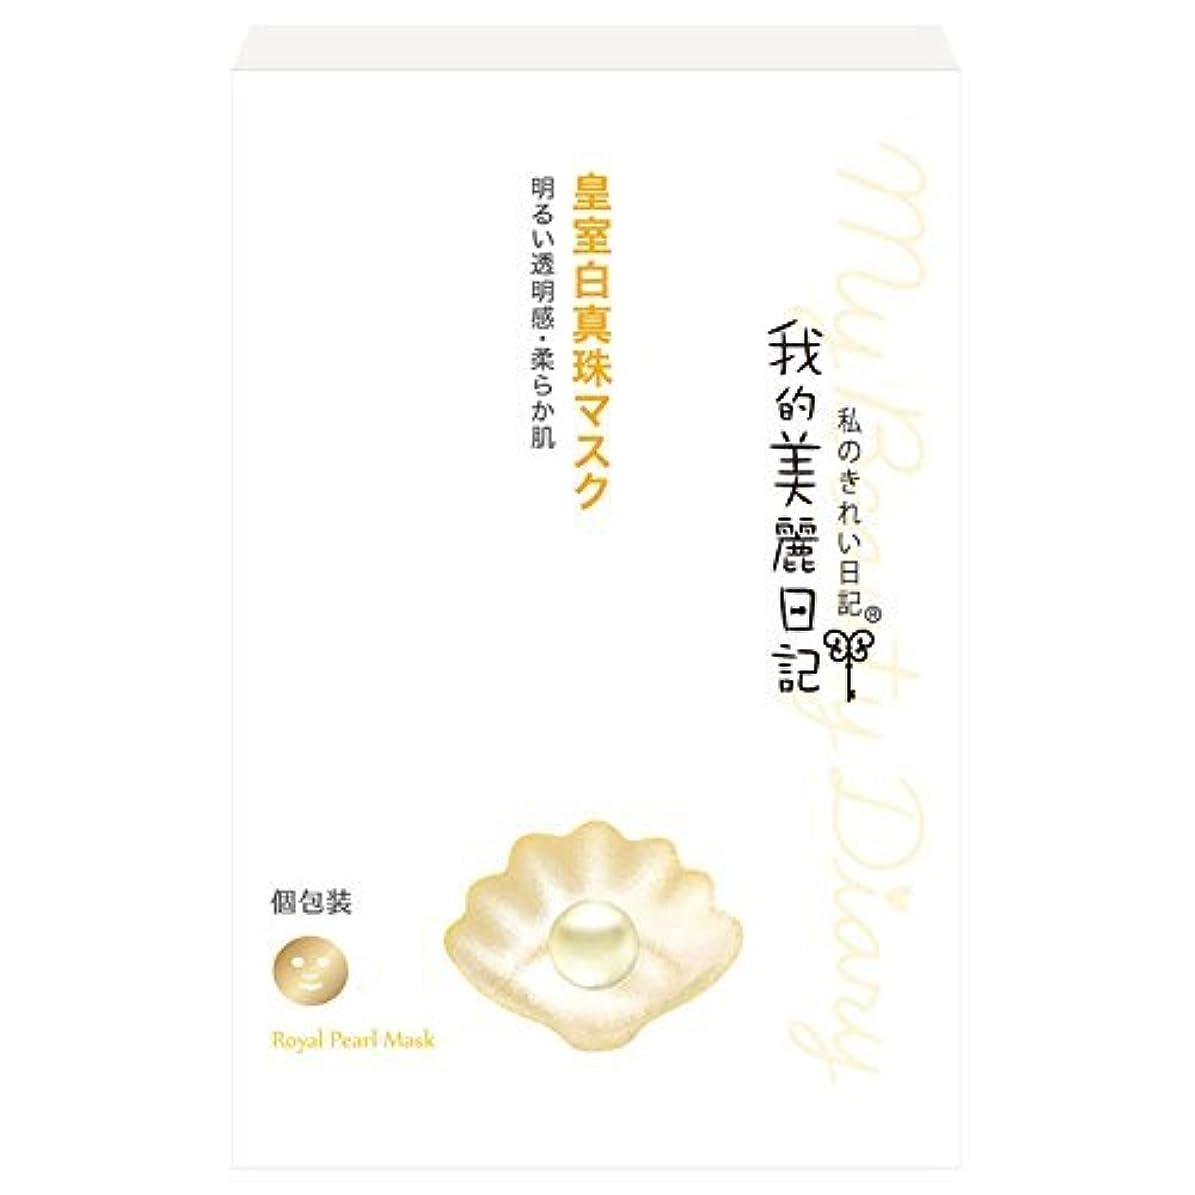 おばさん引く旅行者我的美麗日記 皇室白真珠 5枚入